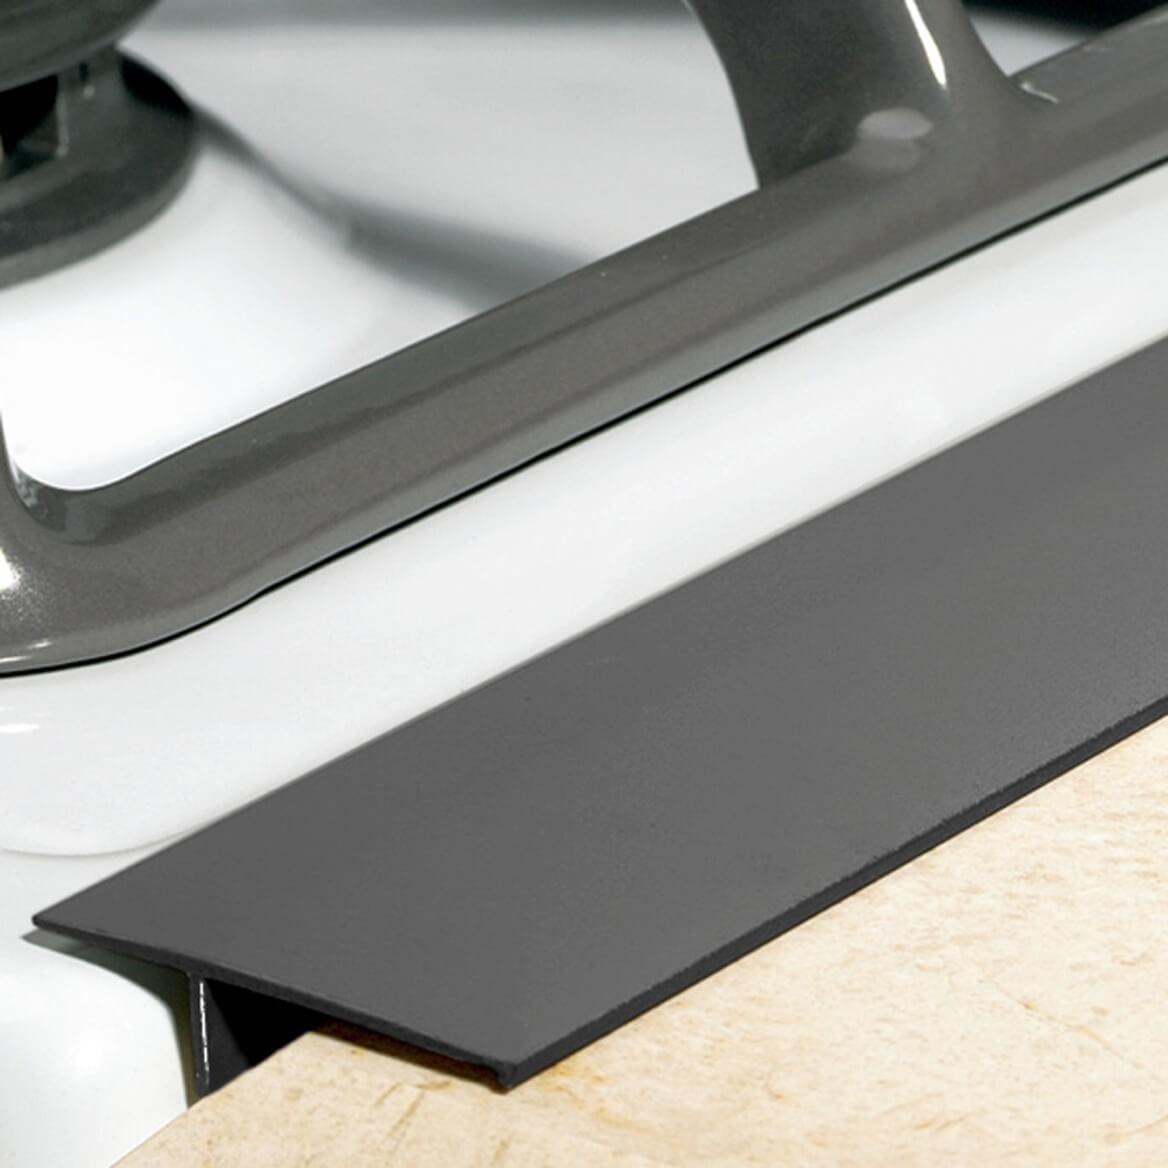 bathroom countertop gap filler  Stove to Countertop Gap Cover, Stove Counter Gap Filler - bathroom countertop gap filler